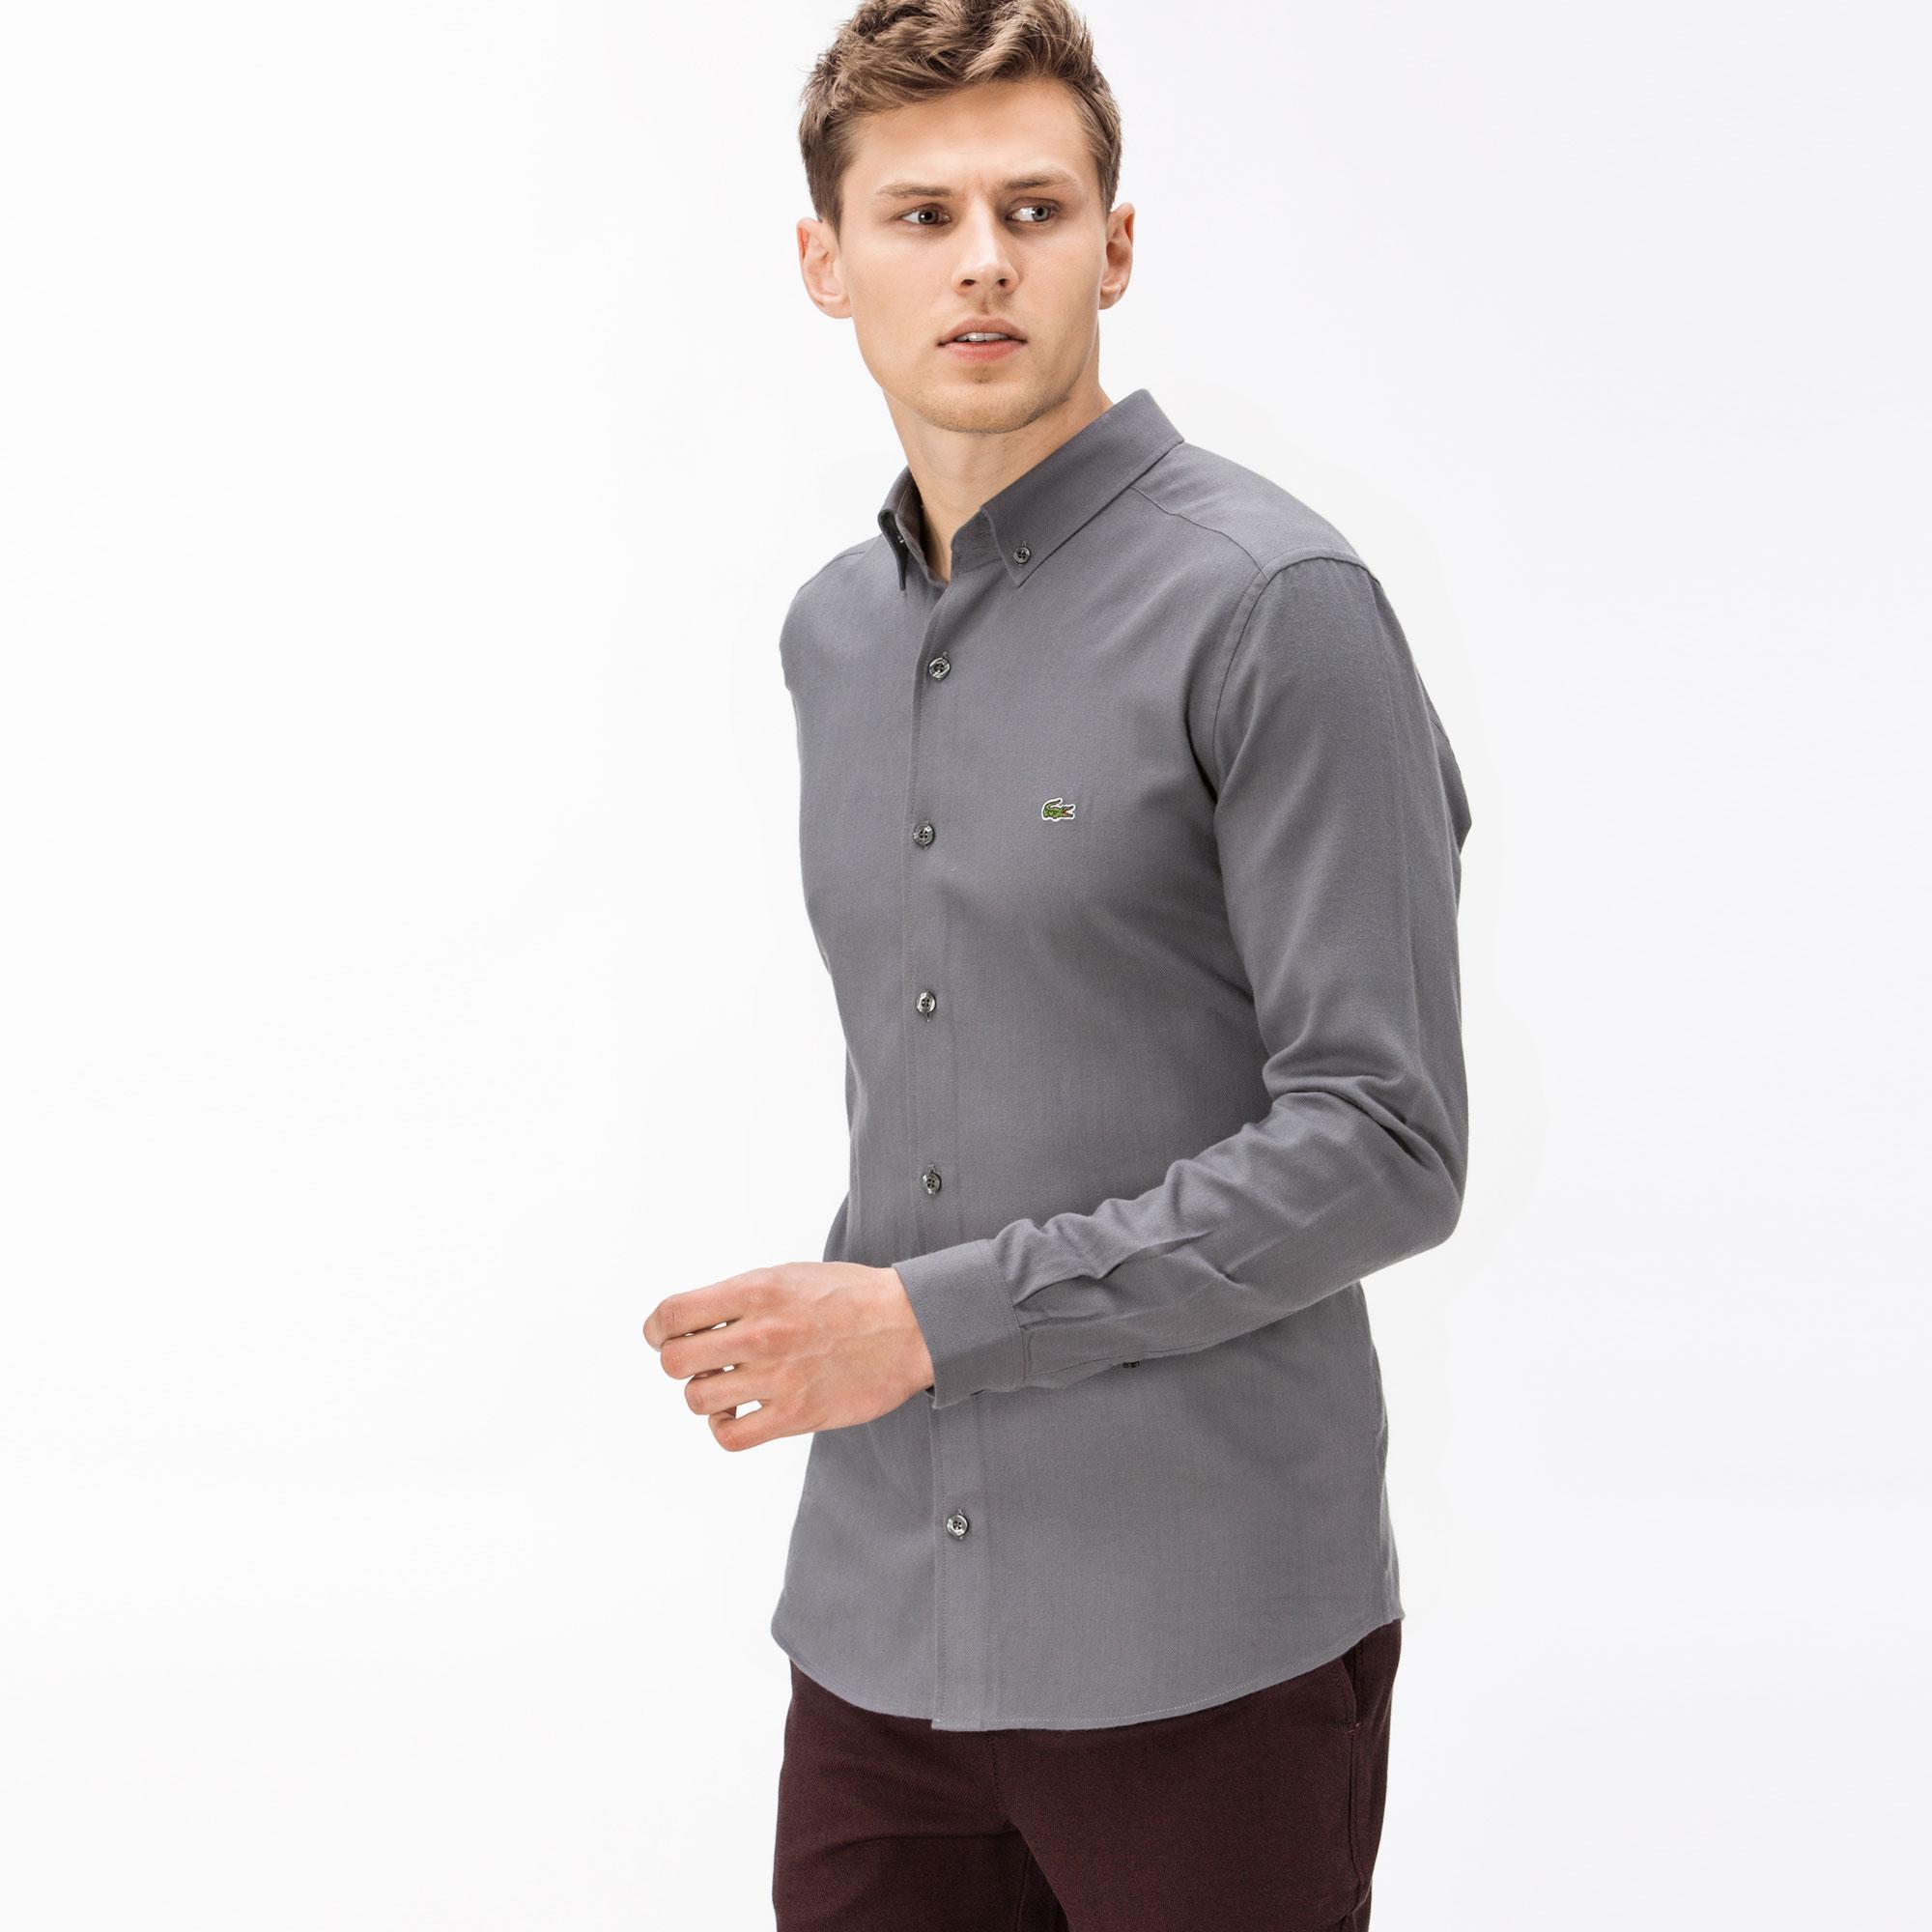 Lacoste Erkek Slim Fit Uzun Kollu Gri Gömlek